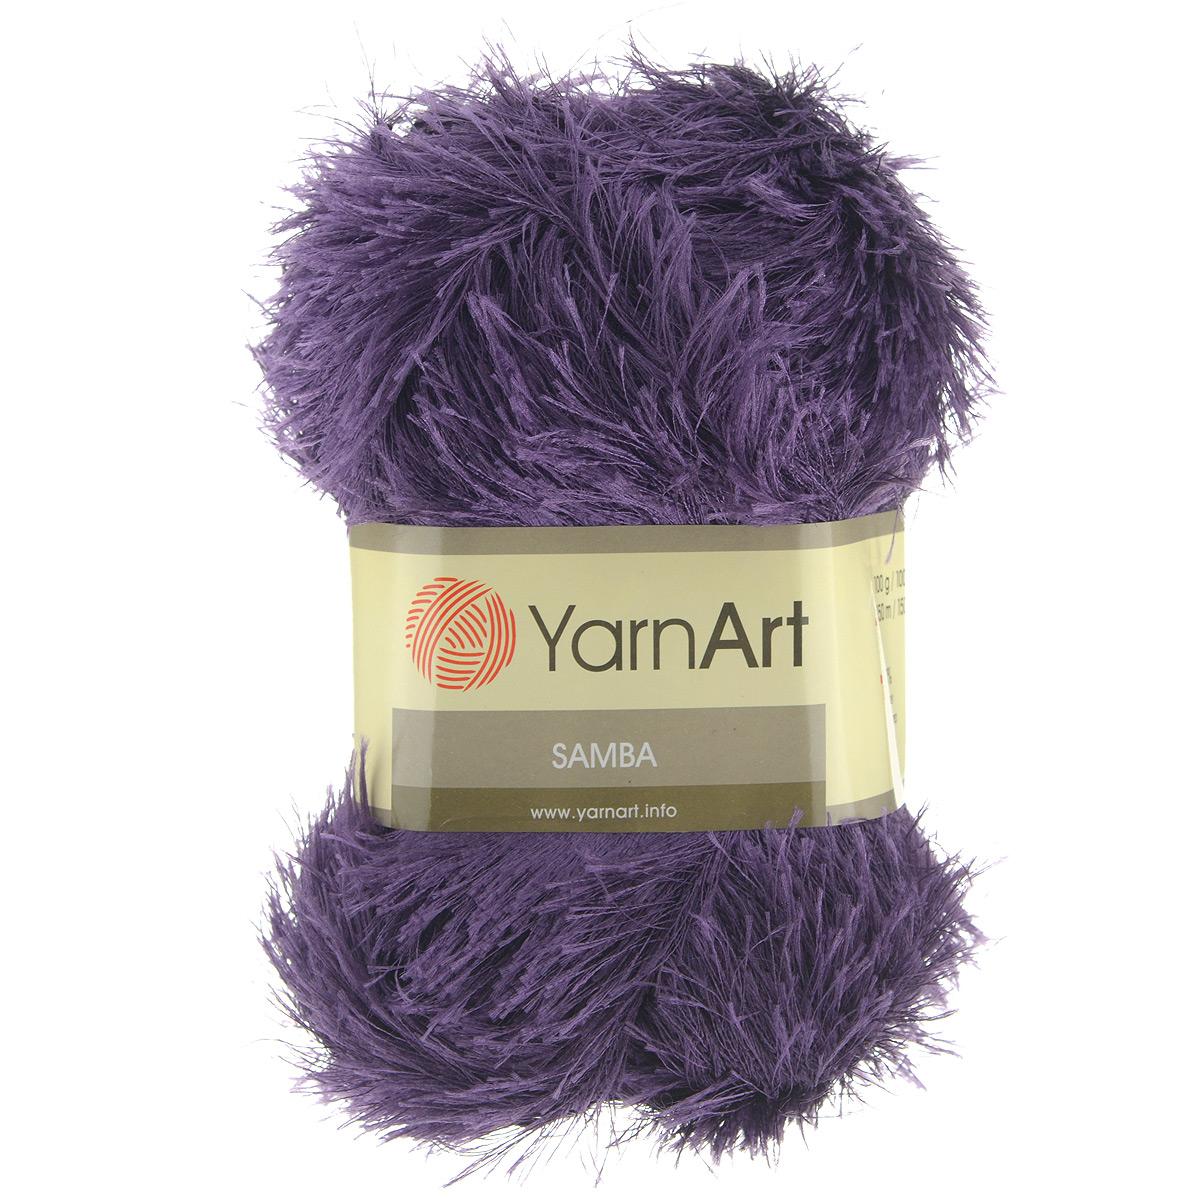 Пряжа для вязания YarnArt Samba, цвет: фиолетовый (28), 150 м, 100 г, 5 шт372009_28Пряжа Samba представляет собой яркий пример отделочной нити, с помощью которой можно придать оригинальность и красоту каждому изделию. Нить удобна тем, что подлежит работе и крючком, и спицами. Также можно использовать в одном изделии как одну пряжу Samba, так и комбинировать с ней разные виды нити. То есть, если вязать пряжей Samba, получается просто пушистое полотно, не сохраняющее тепло, обладающее исключительно объемным видом. Если же вязать в две нити: Samba плюс акрил или шерсть, то вещь получается плотная, пушистая и теплая. Пряжа удобна тем, что не требует особых изысков в выборе узора - пушистый ворс нитки делает привлекательным даже обыкновенную гладь. Нить Samba скрученная, средней толщины, послушна в работе, удобно скользит. . Состав: 100% полиэстер. Рекомендованные спицы №5,5, крючок №5,5.